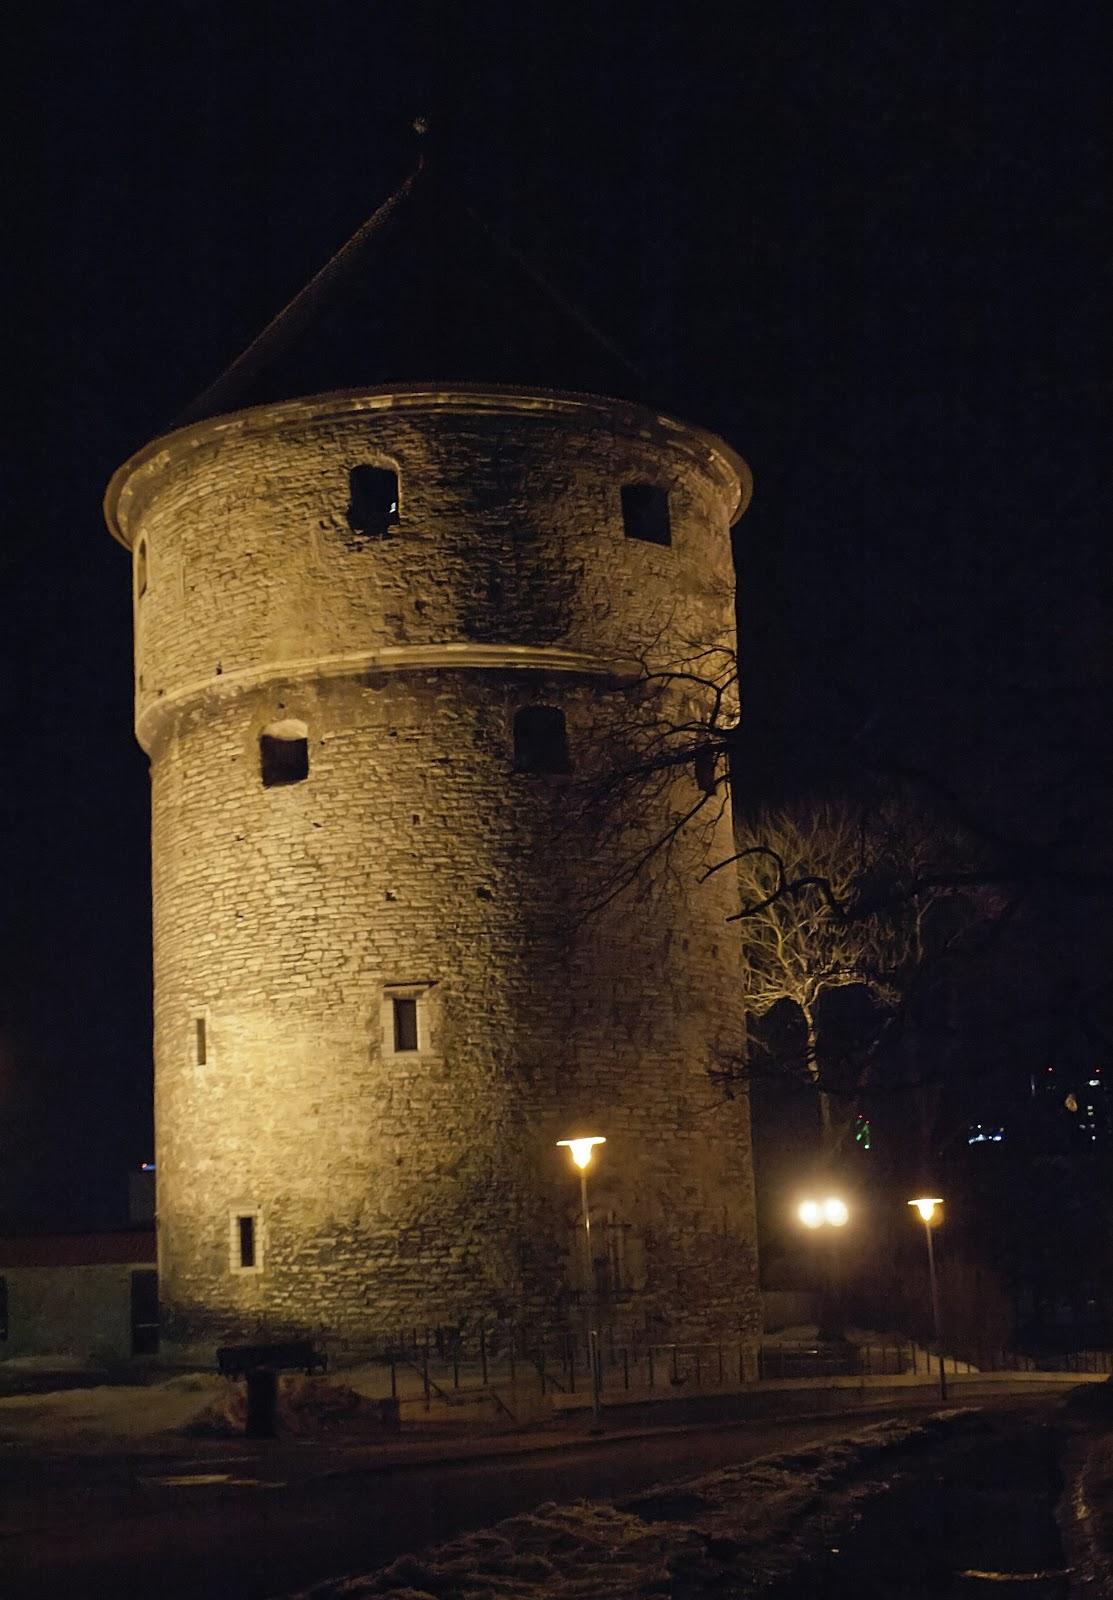 Знаменитая Таллиннская Башня Кик-ин-де-Кек